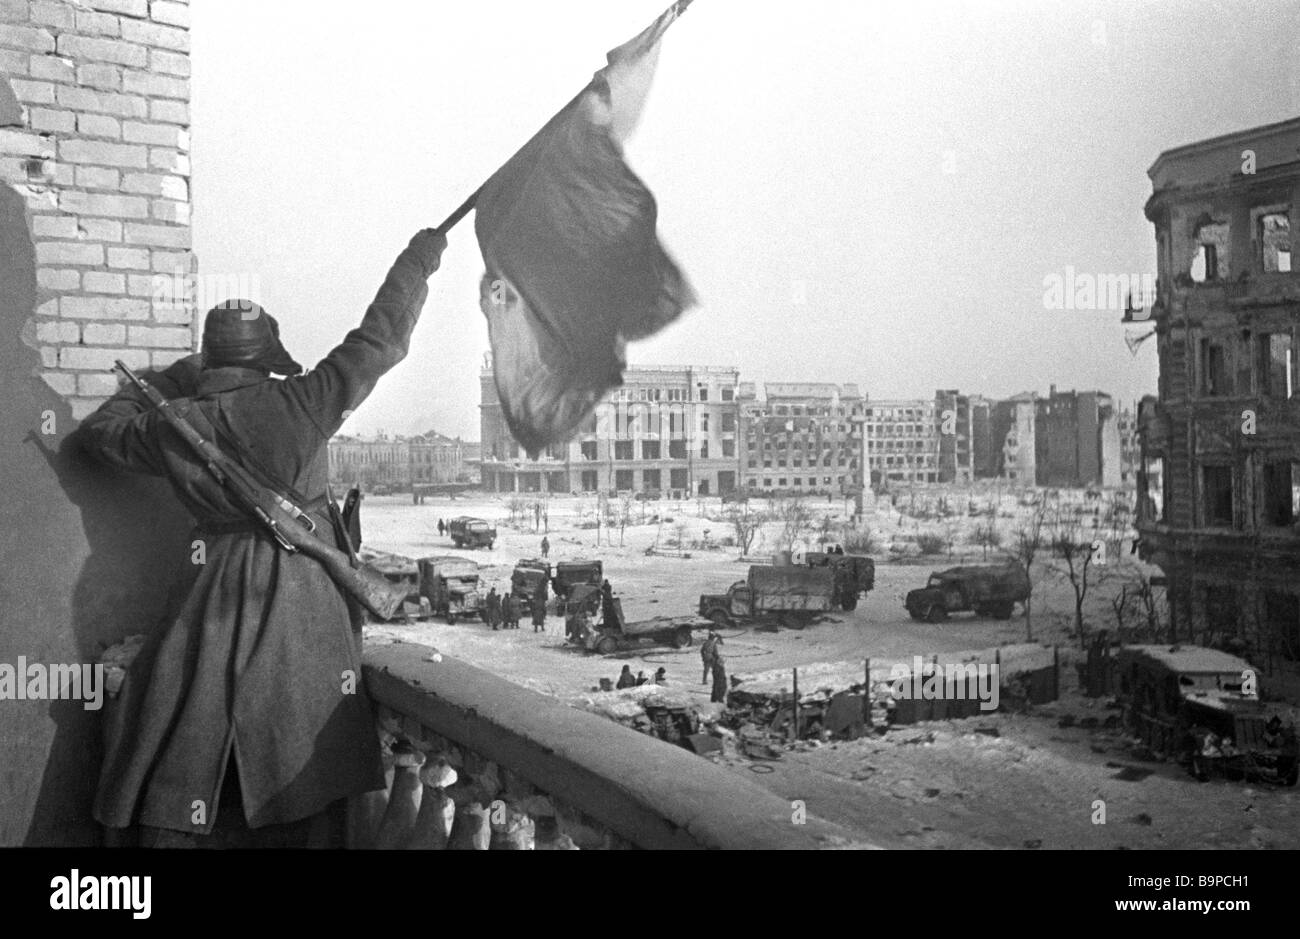 Izar la bandera de la victoria después de la batalla de Stalingrado en la Segunda Guerra Mundial 1943 Imagen De Stock